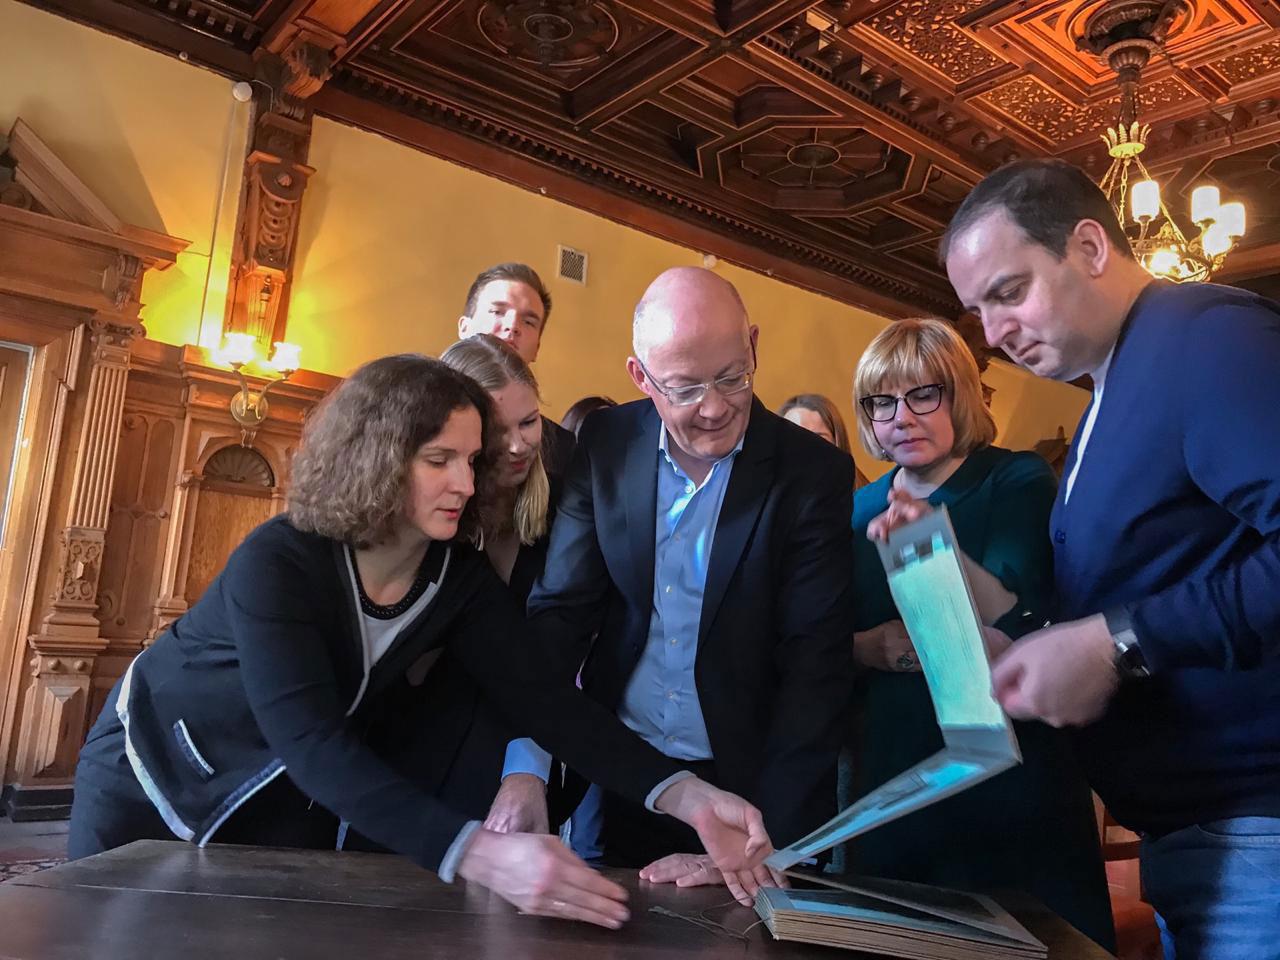 23 марта с рабочим визитом в Российский музей медицины прибыл Сэр Йан Крейг Блэтчфорд - директор Science Museum Group